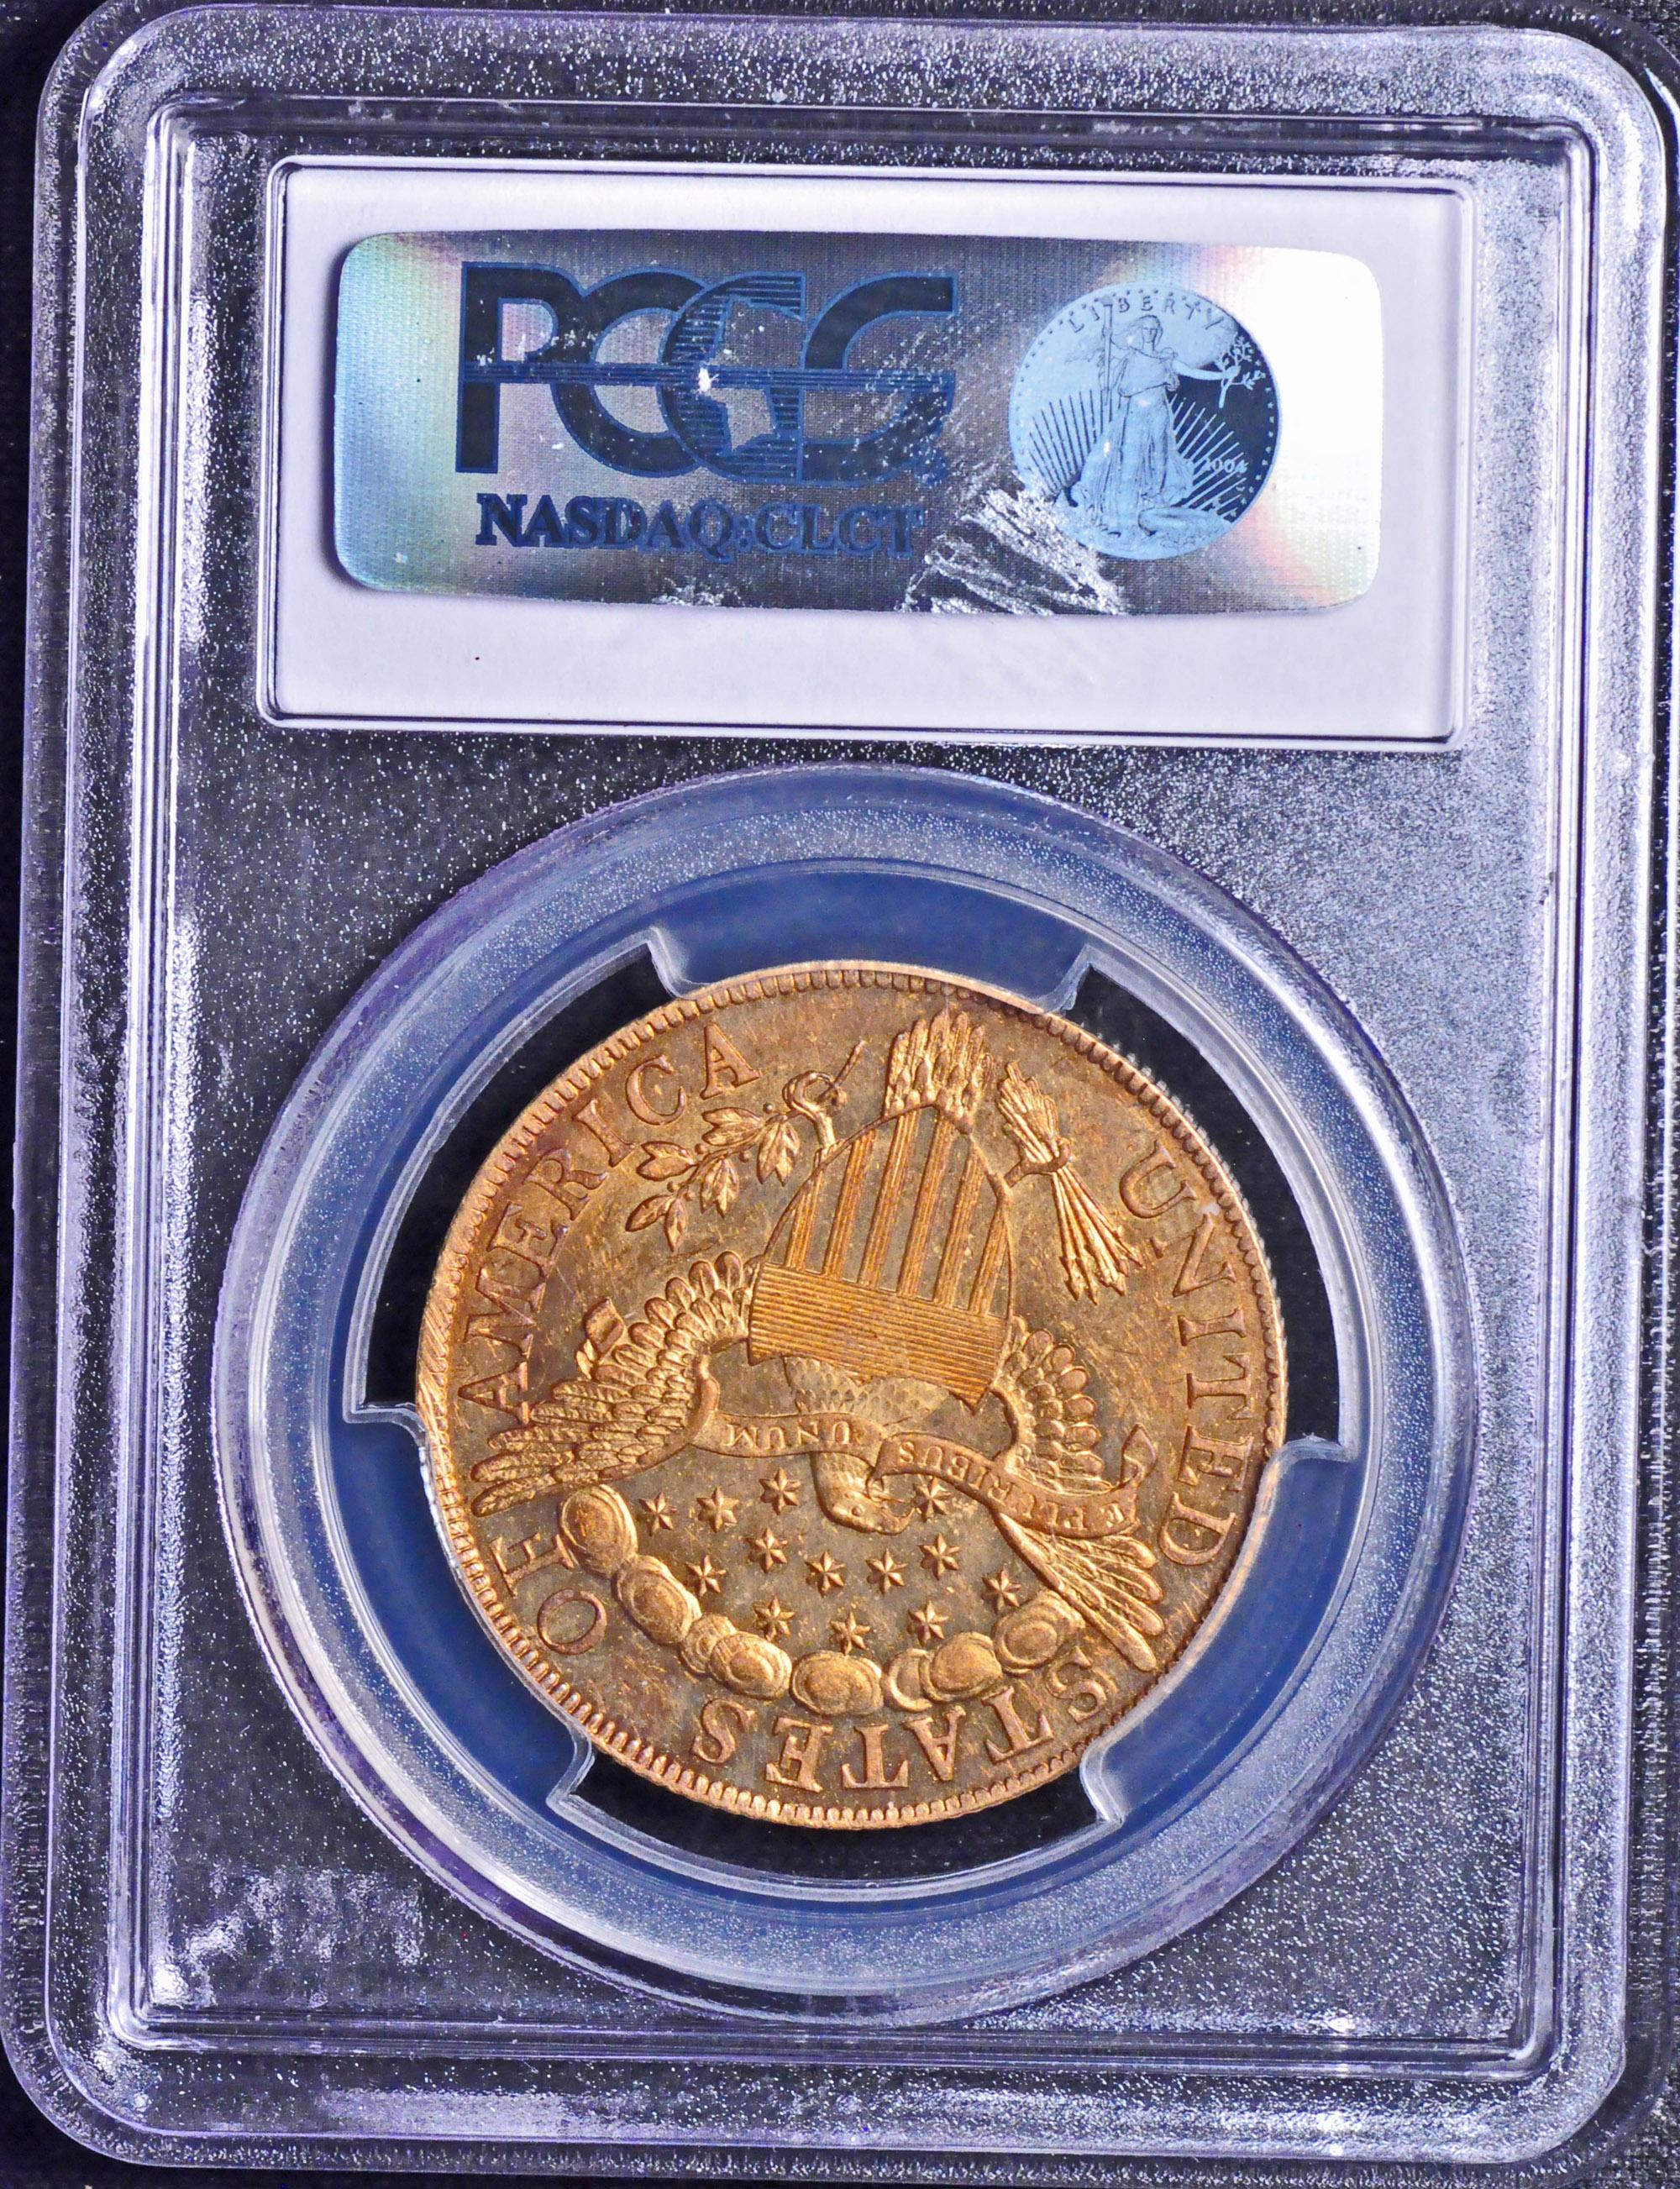 【動画あり】アンティークコイン アメリカ 10ドル金貨ドレープドバスト1801 BUST $10 PCGS MS63